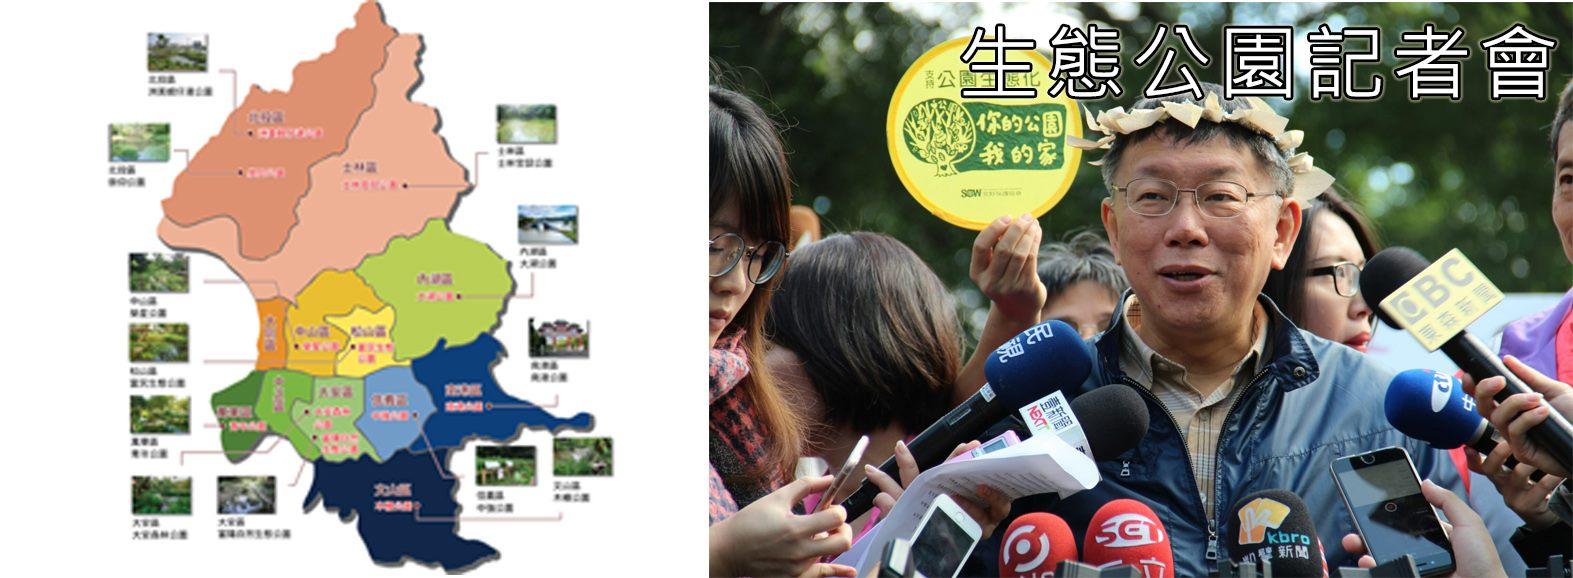 生態公園記者會